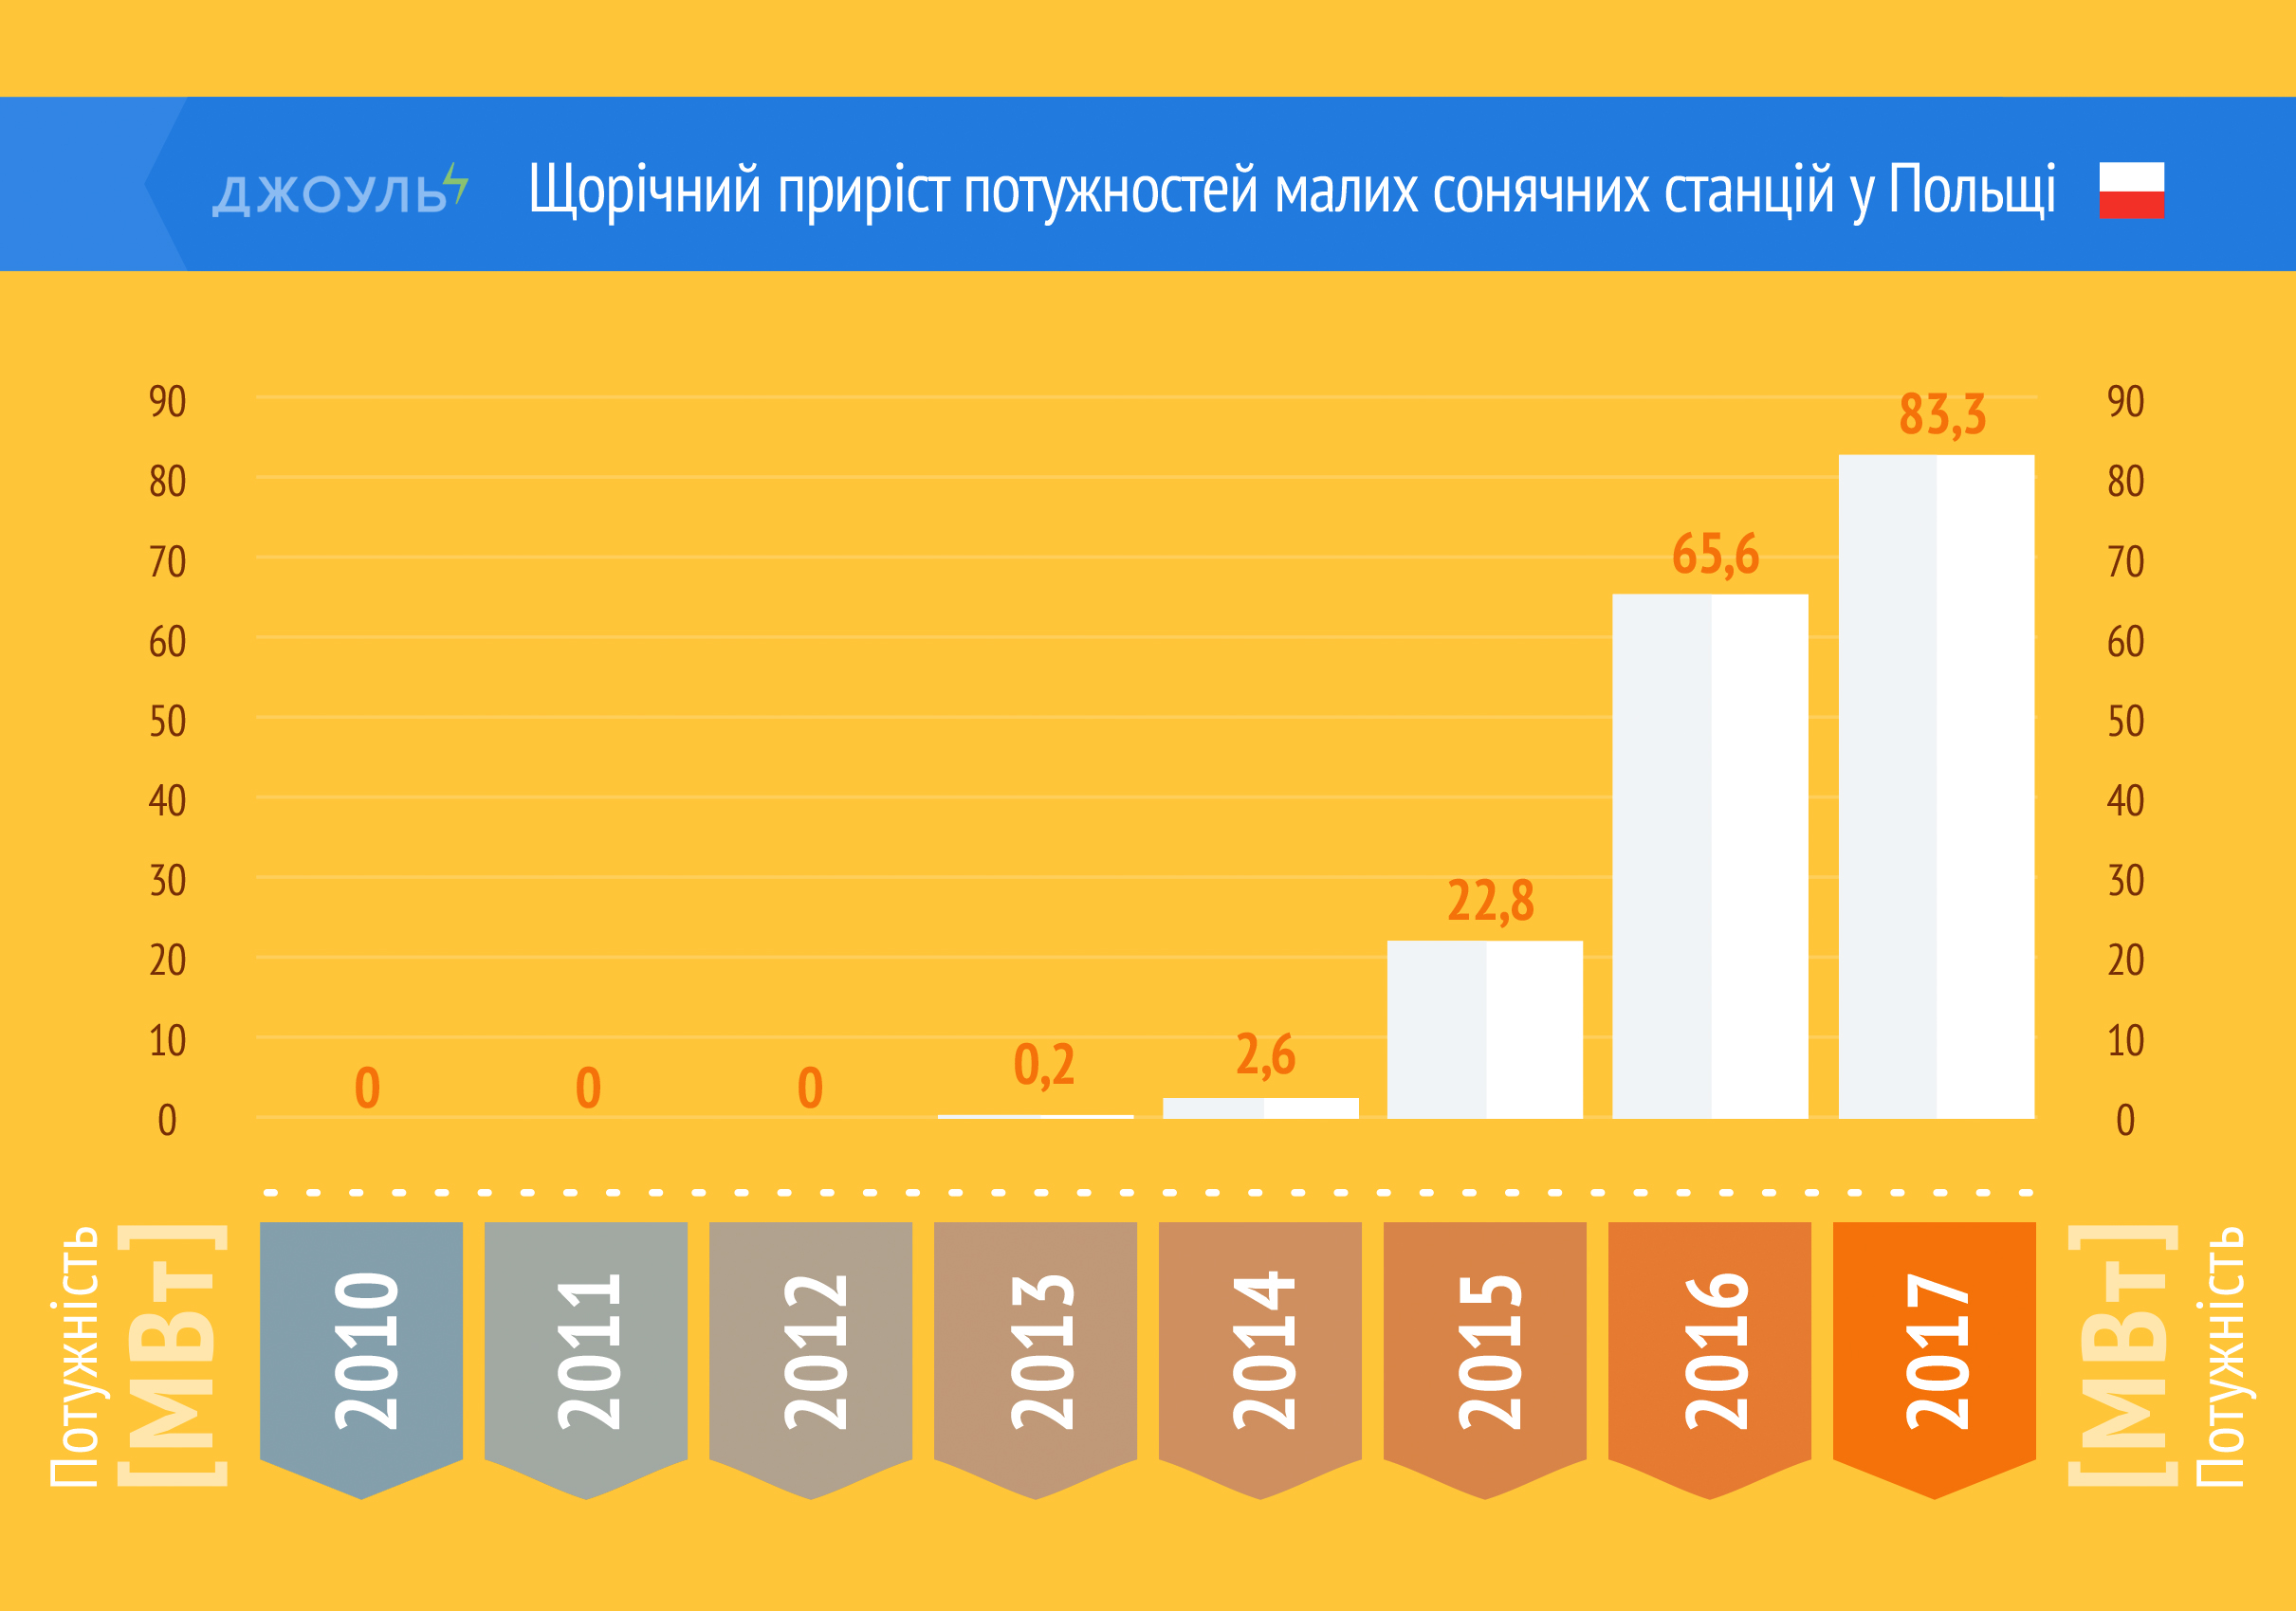 Щорічний приріст потужностей малих сонячних станцій у Польщі